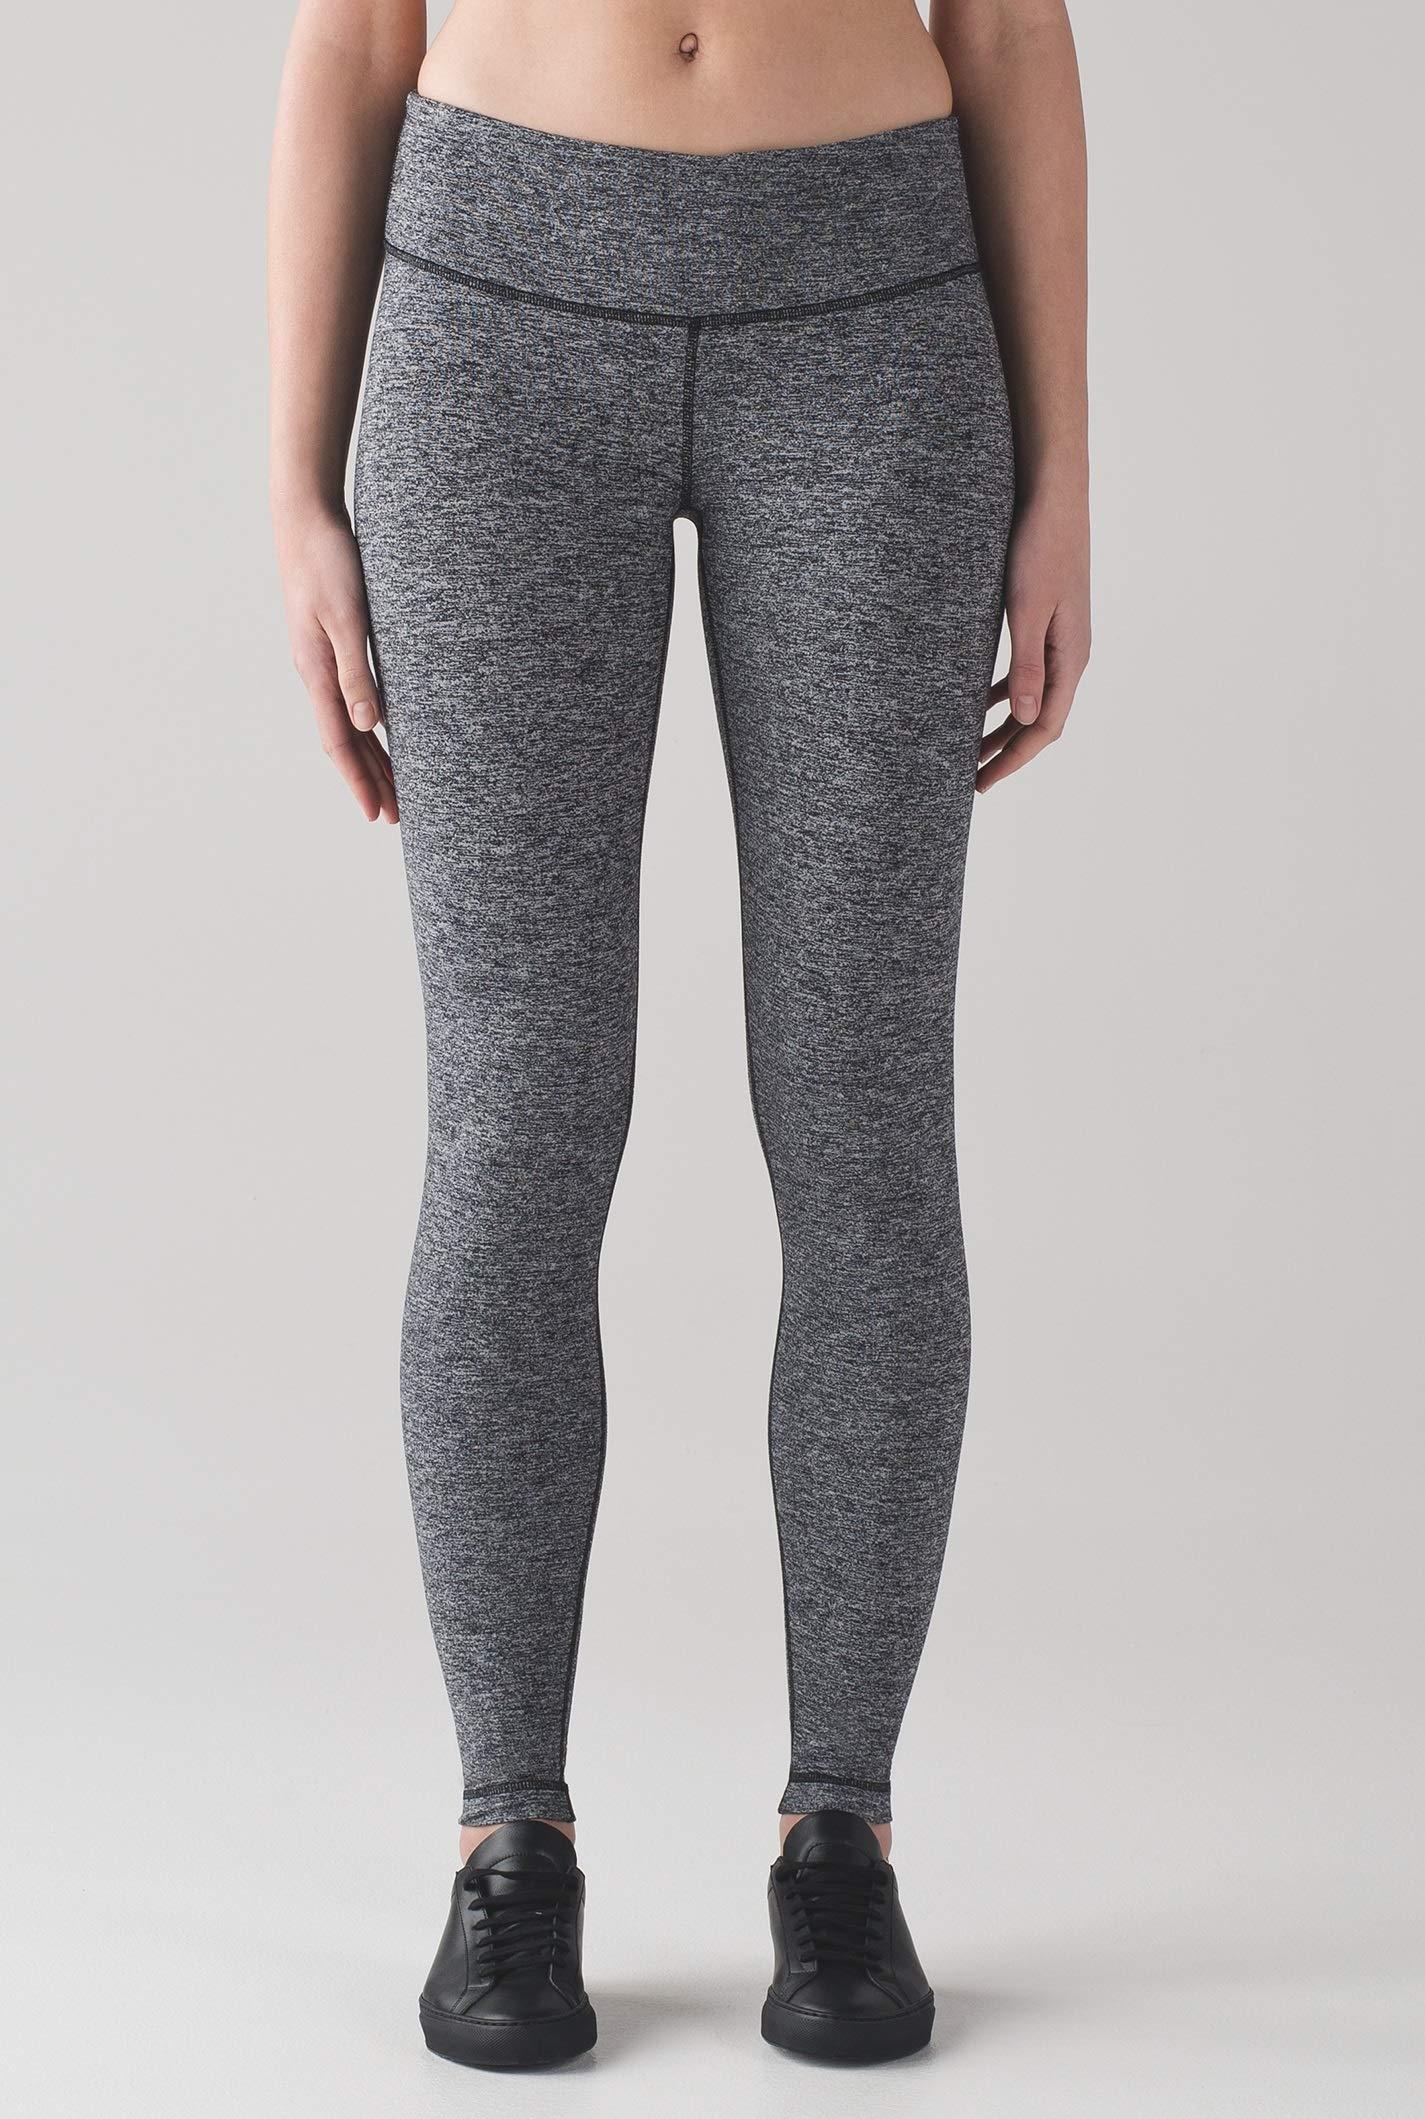 Lululemon Wunder Under Low Rise Tight Yoga Pants (Heathered Black, 12) by Lululemon (Image #3)